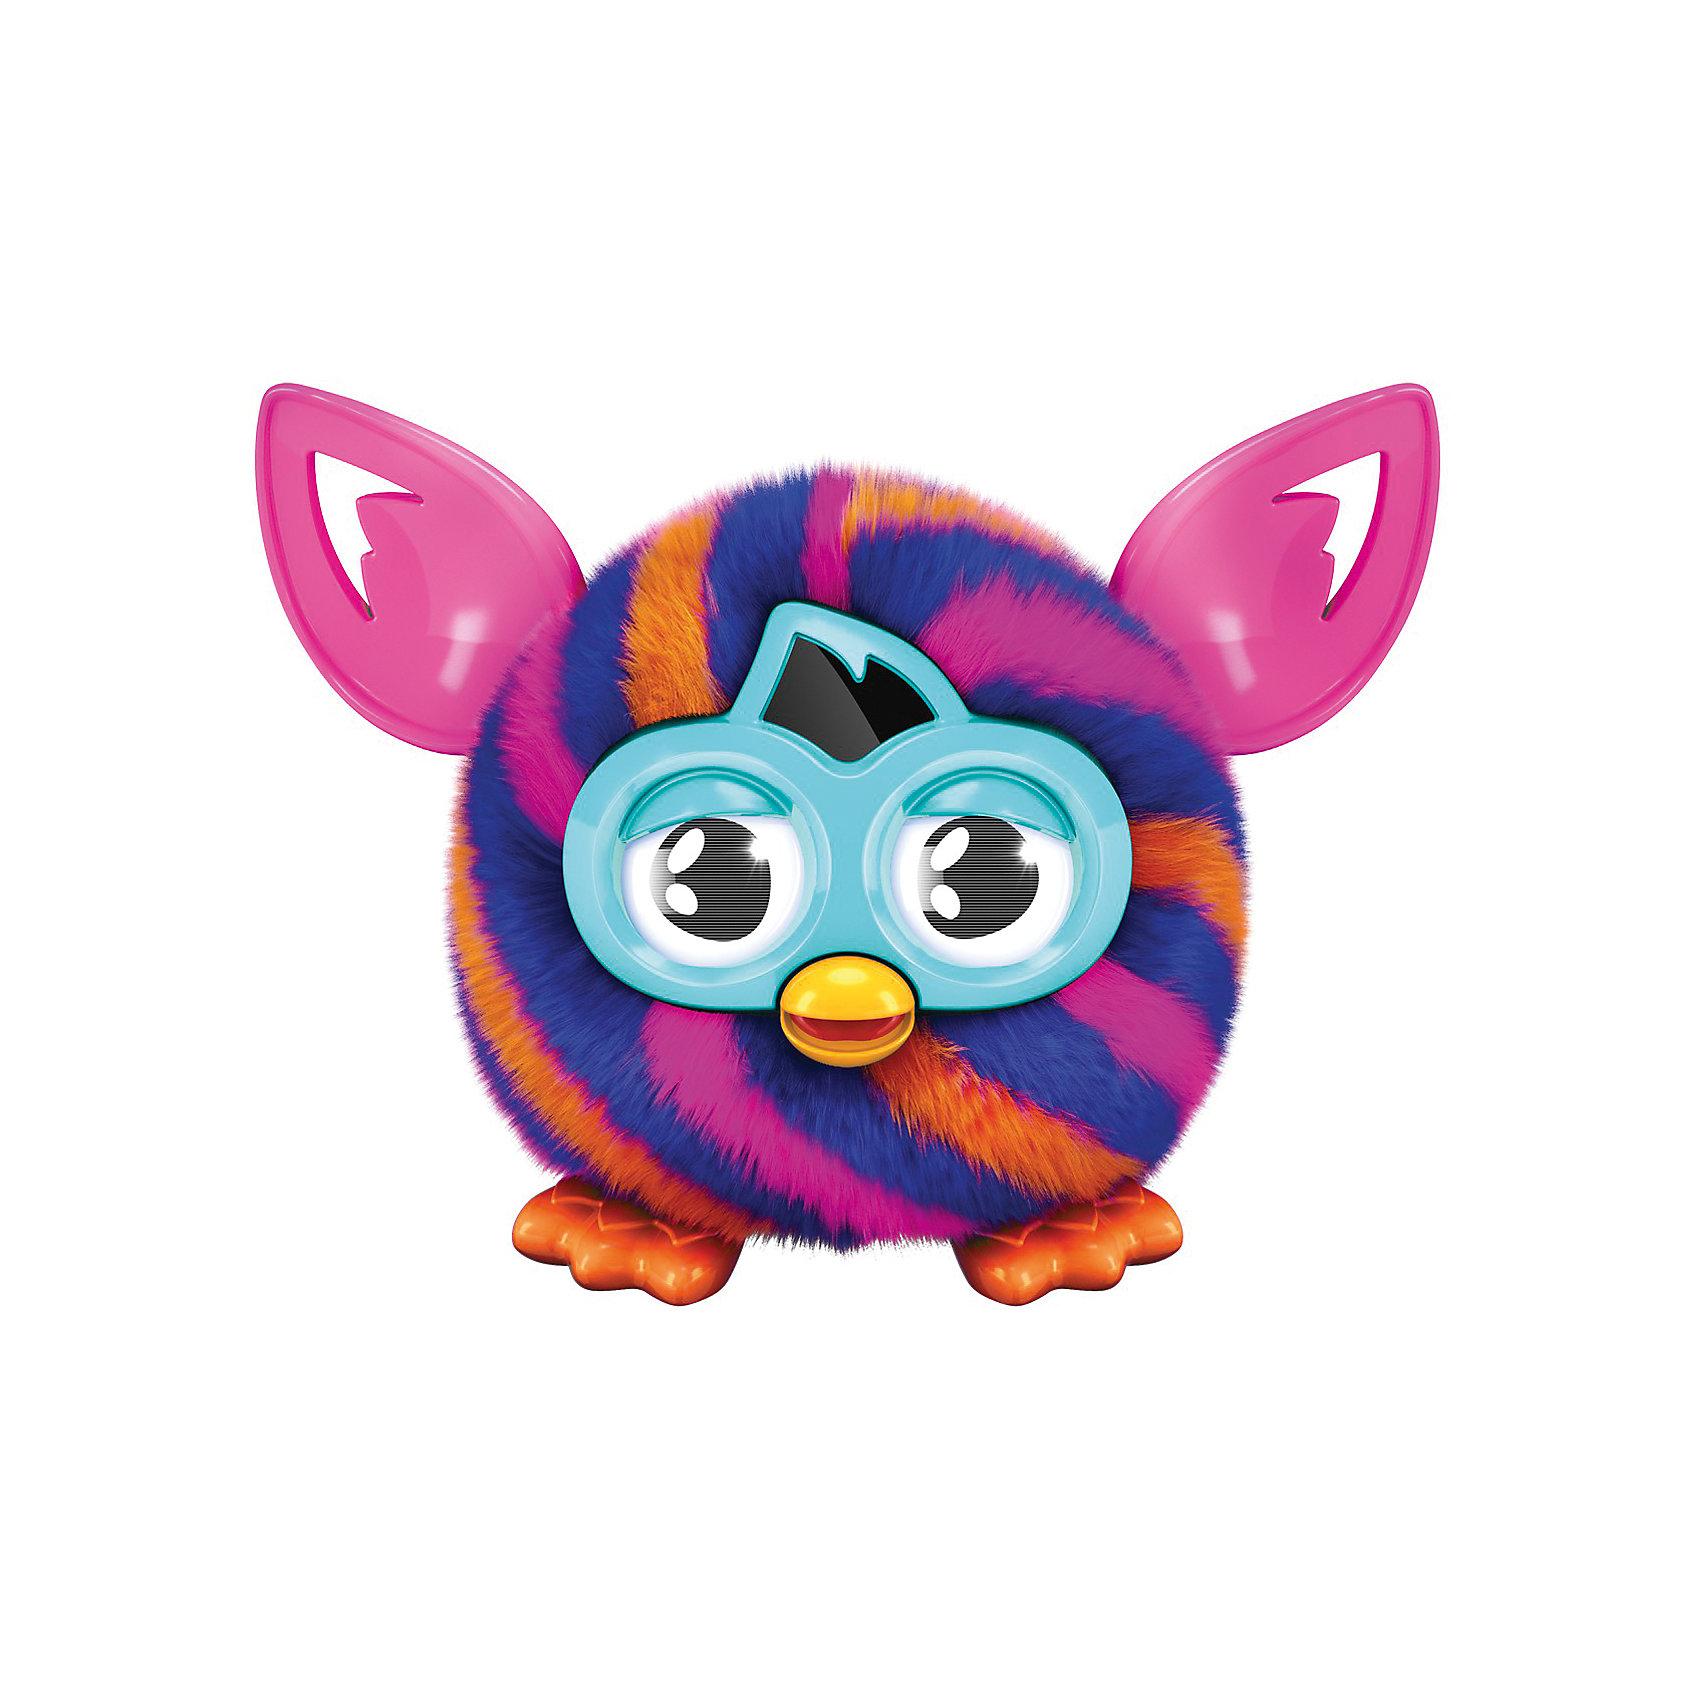 Ферблинг, Furby, А7891/A6100Новые малыши ферблинги из приложения FurbyBoom (Ферби Бум) теперь доступны не только на экране смартфона или планшета. Ферблинг имеет мягкую приятную на ощупь шерстку, большие выразительные глаза. Малыш умеет весело смеяться, петь, танцевать и разговаривать. Они могут общаться со взрослым ферби, забавно взаимодействуя со своими старшими товарищами или же быть самостоятельными маленькими питомцами. Забавный малыш - ферблинг станет прекрасным другом вашему ребенку, принесет ему много приятных эмоций и улыбок. <br><br>Дополнительная информация:<br><br>- Материал: мех, пластик.<br>- Размер: 15х13х8 см.<br>- Комплектация: игрушка, батарейки, инструкция. <br>- Элемент питания: батарейки АА 3 шт. (в комплекте).<br><br>Ферблинга, Furby, (Ферби)  можно купить в нашем магазине.<br><br>Ширина мм: 80<br>Глубина мм: 130<br>Высота мм: 150<br>Вес г: 191<br>Возраст от месяцев: 72<br>Возраст до месяцев: 1188<br>Пол: Унисекс<br>Возраст: Детский<br>SKU: 4563942